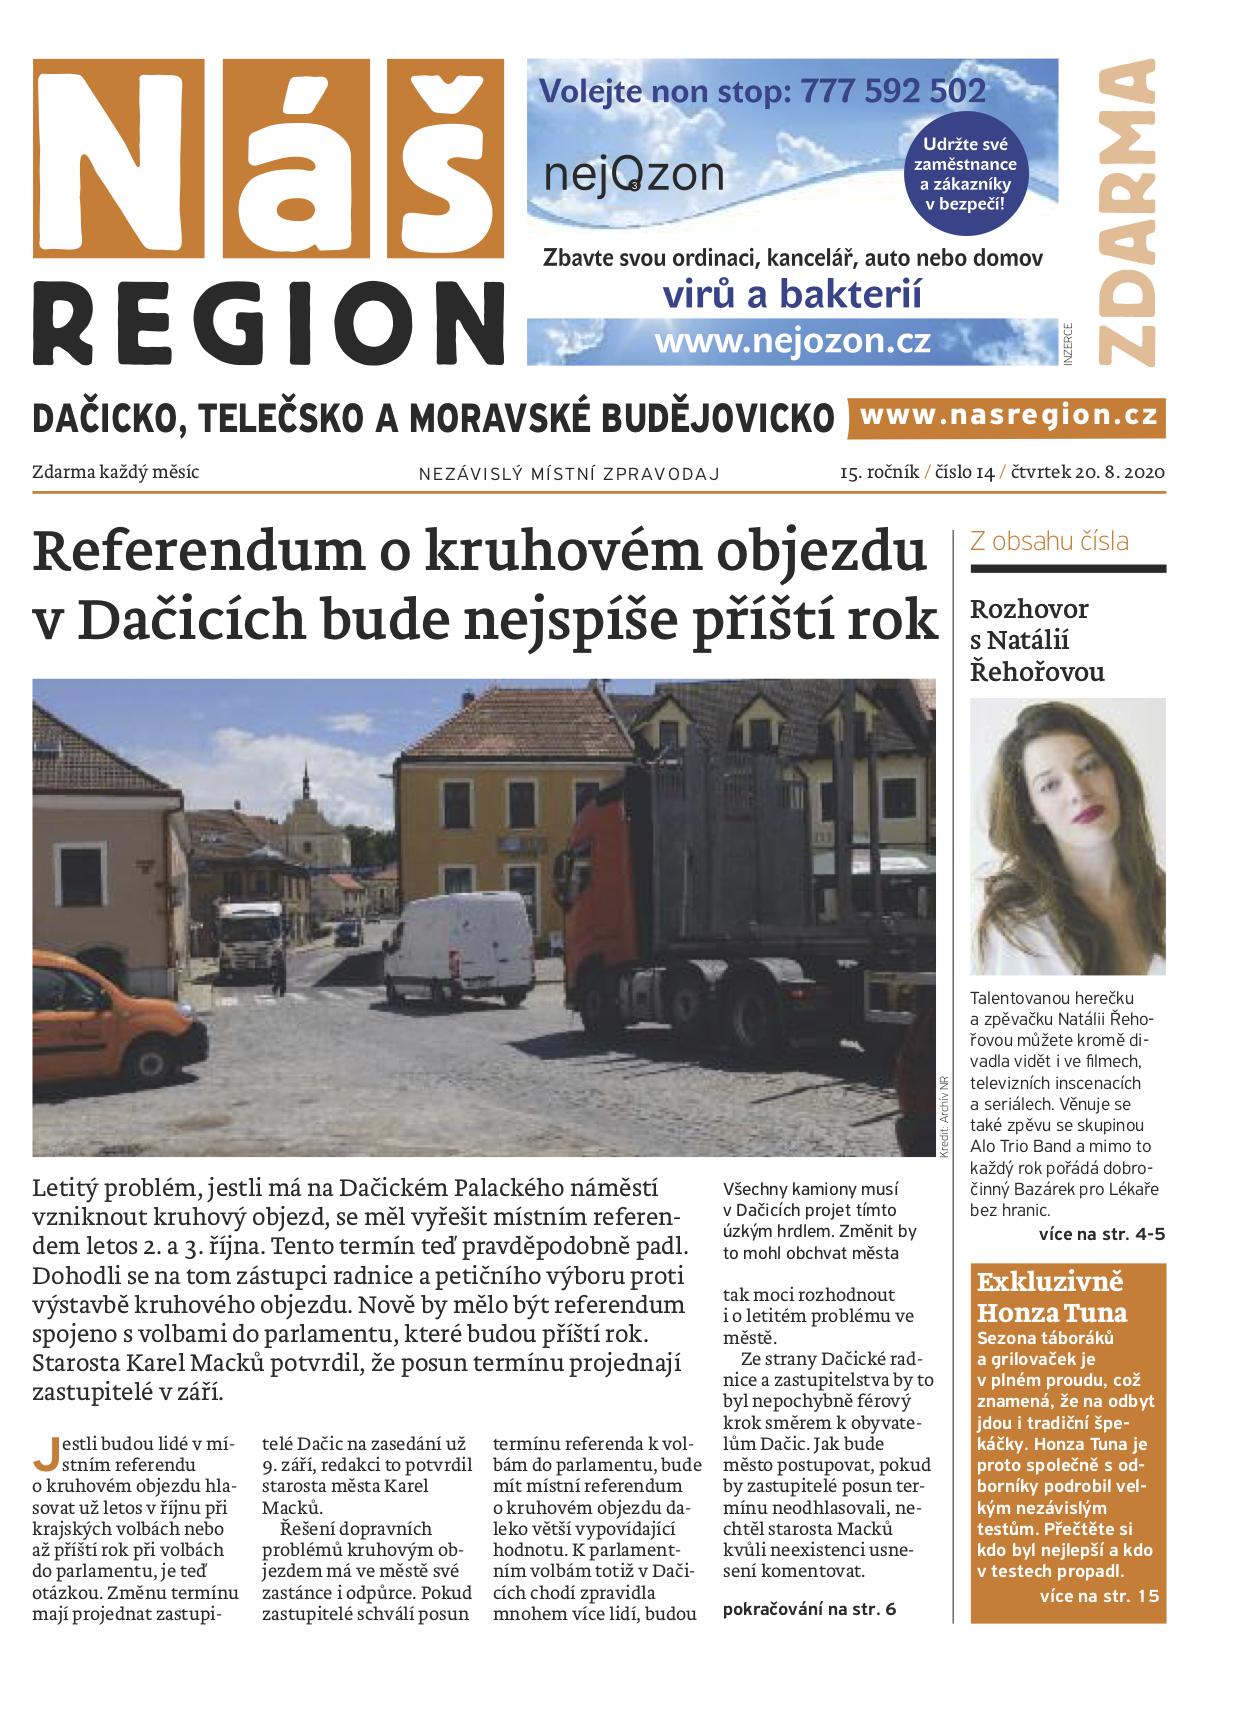 Náš region pro Dačicko a okolí